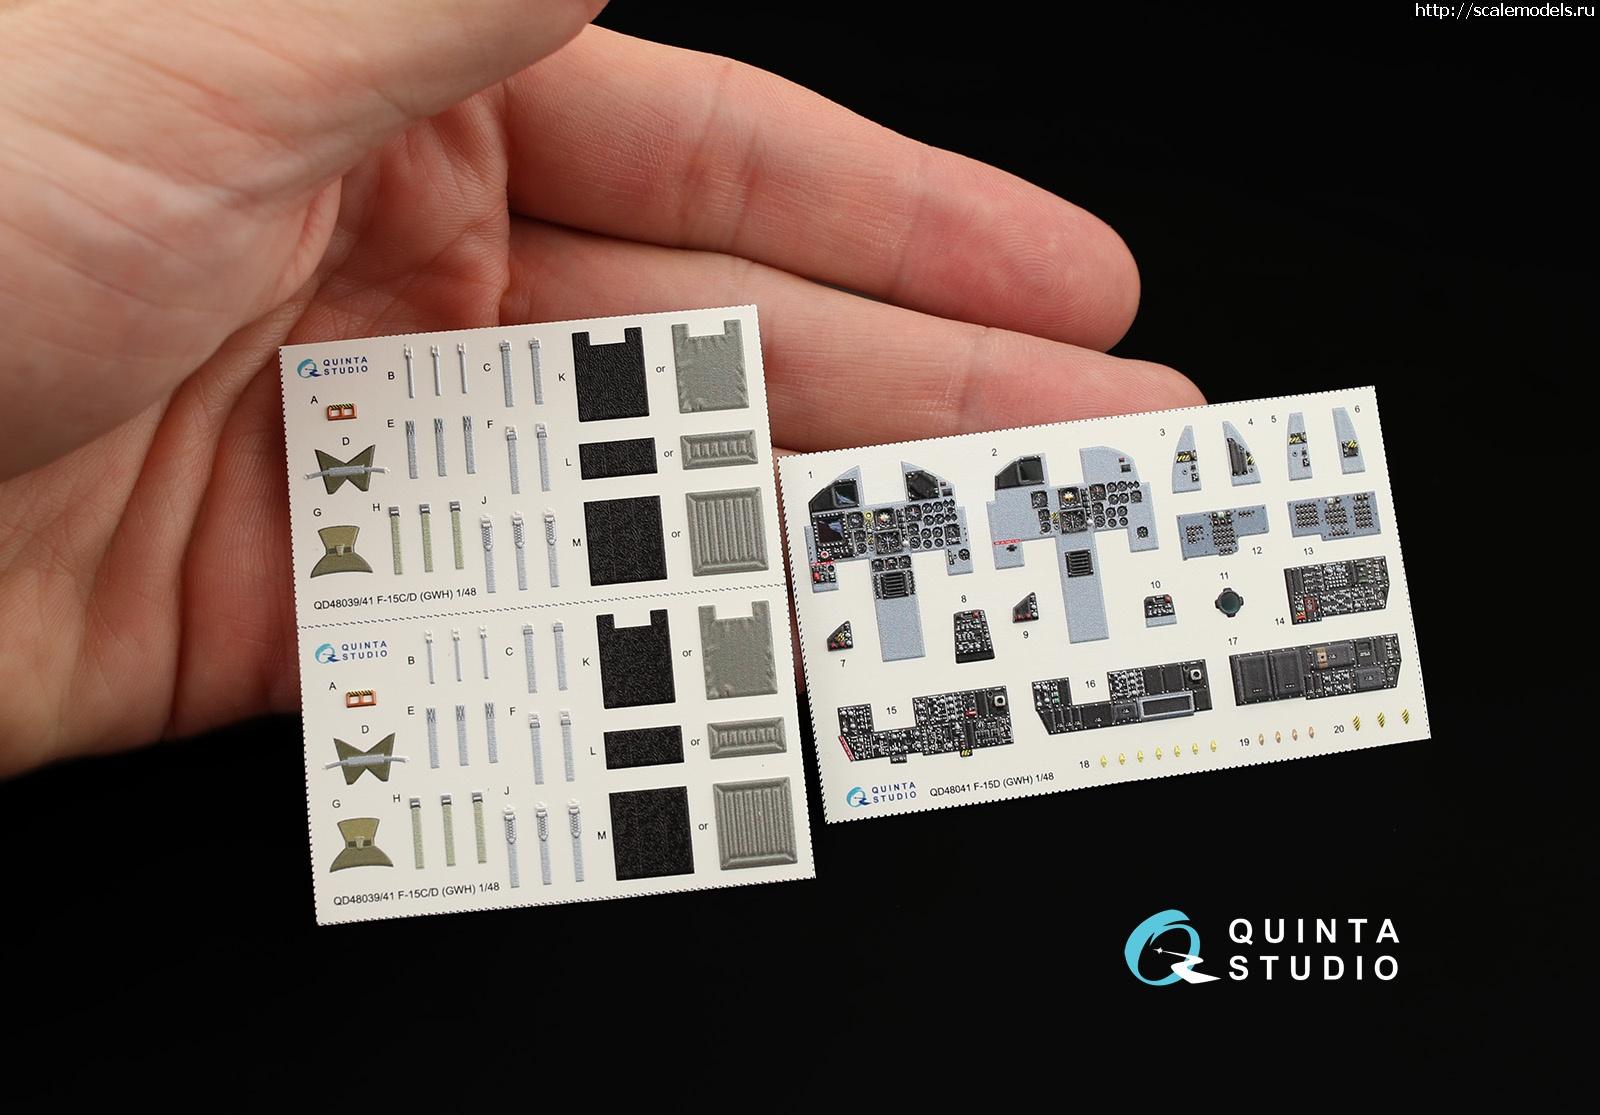 Свежие продукты Квинта Студио, 48-й масштаб, 2-я часть Закрыть окно